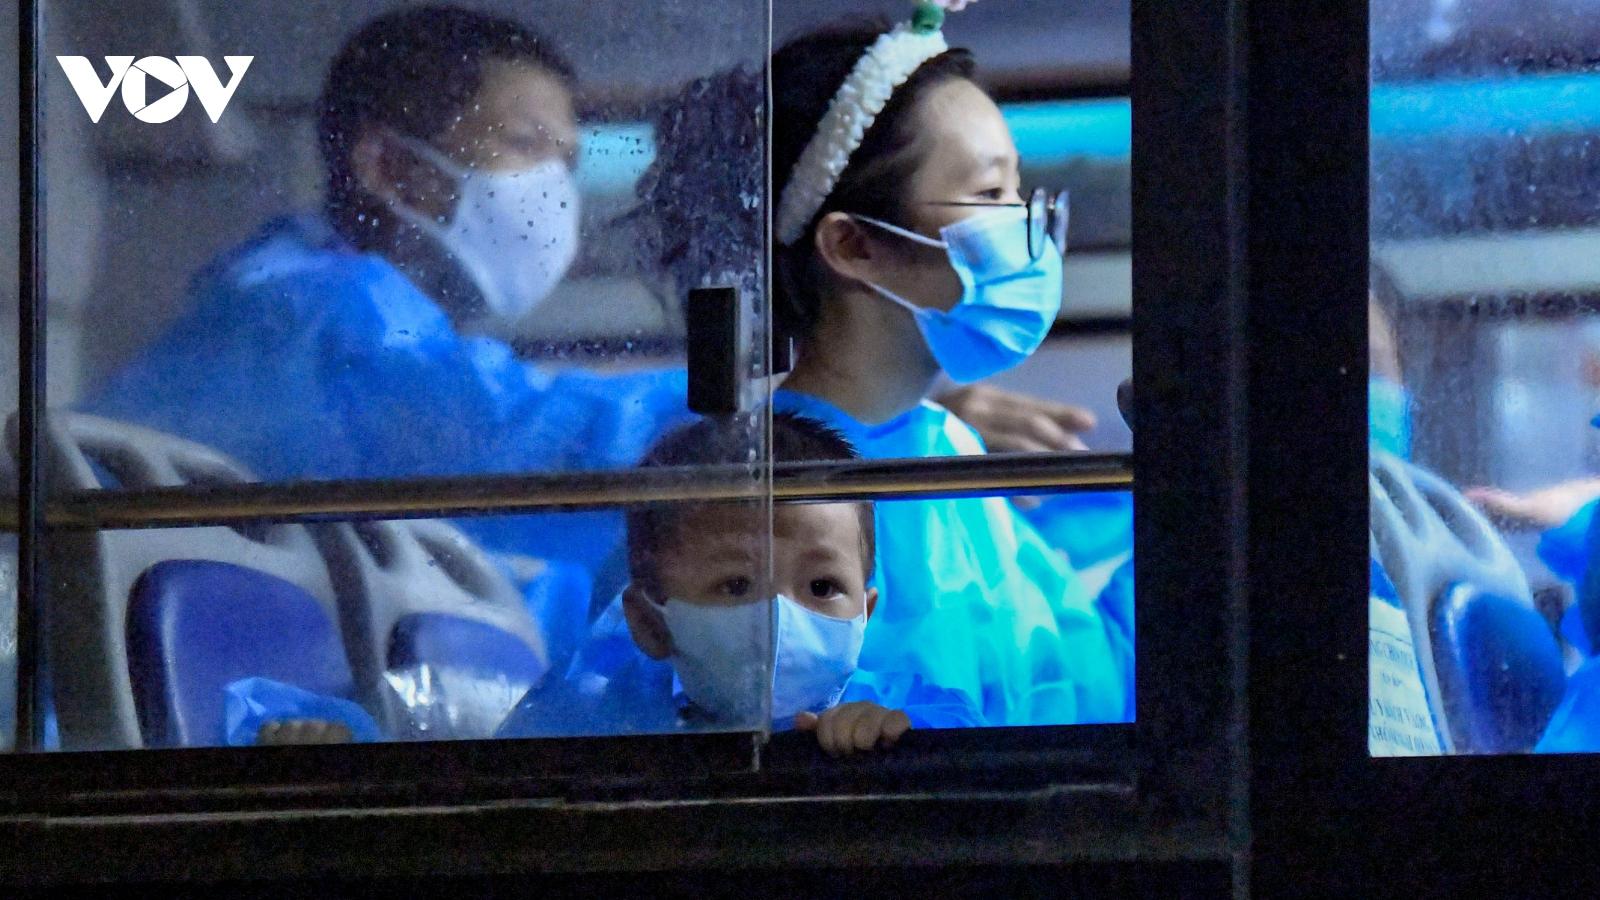 Hà Nội đưa khoảng 1.200 người ở ổ dịch Thanh Xuân Trung đi cách ly trong đêm